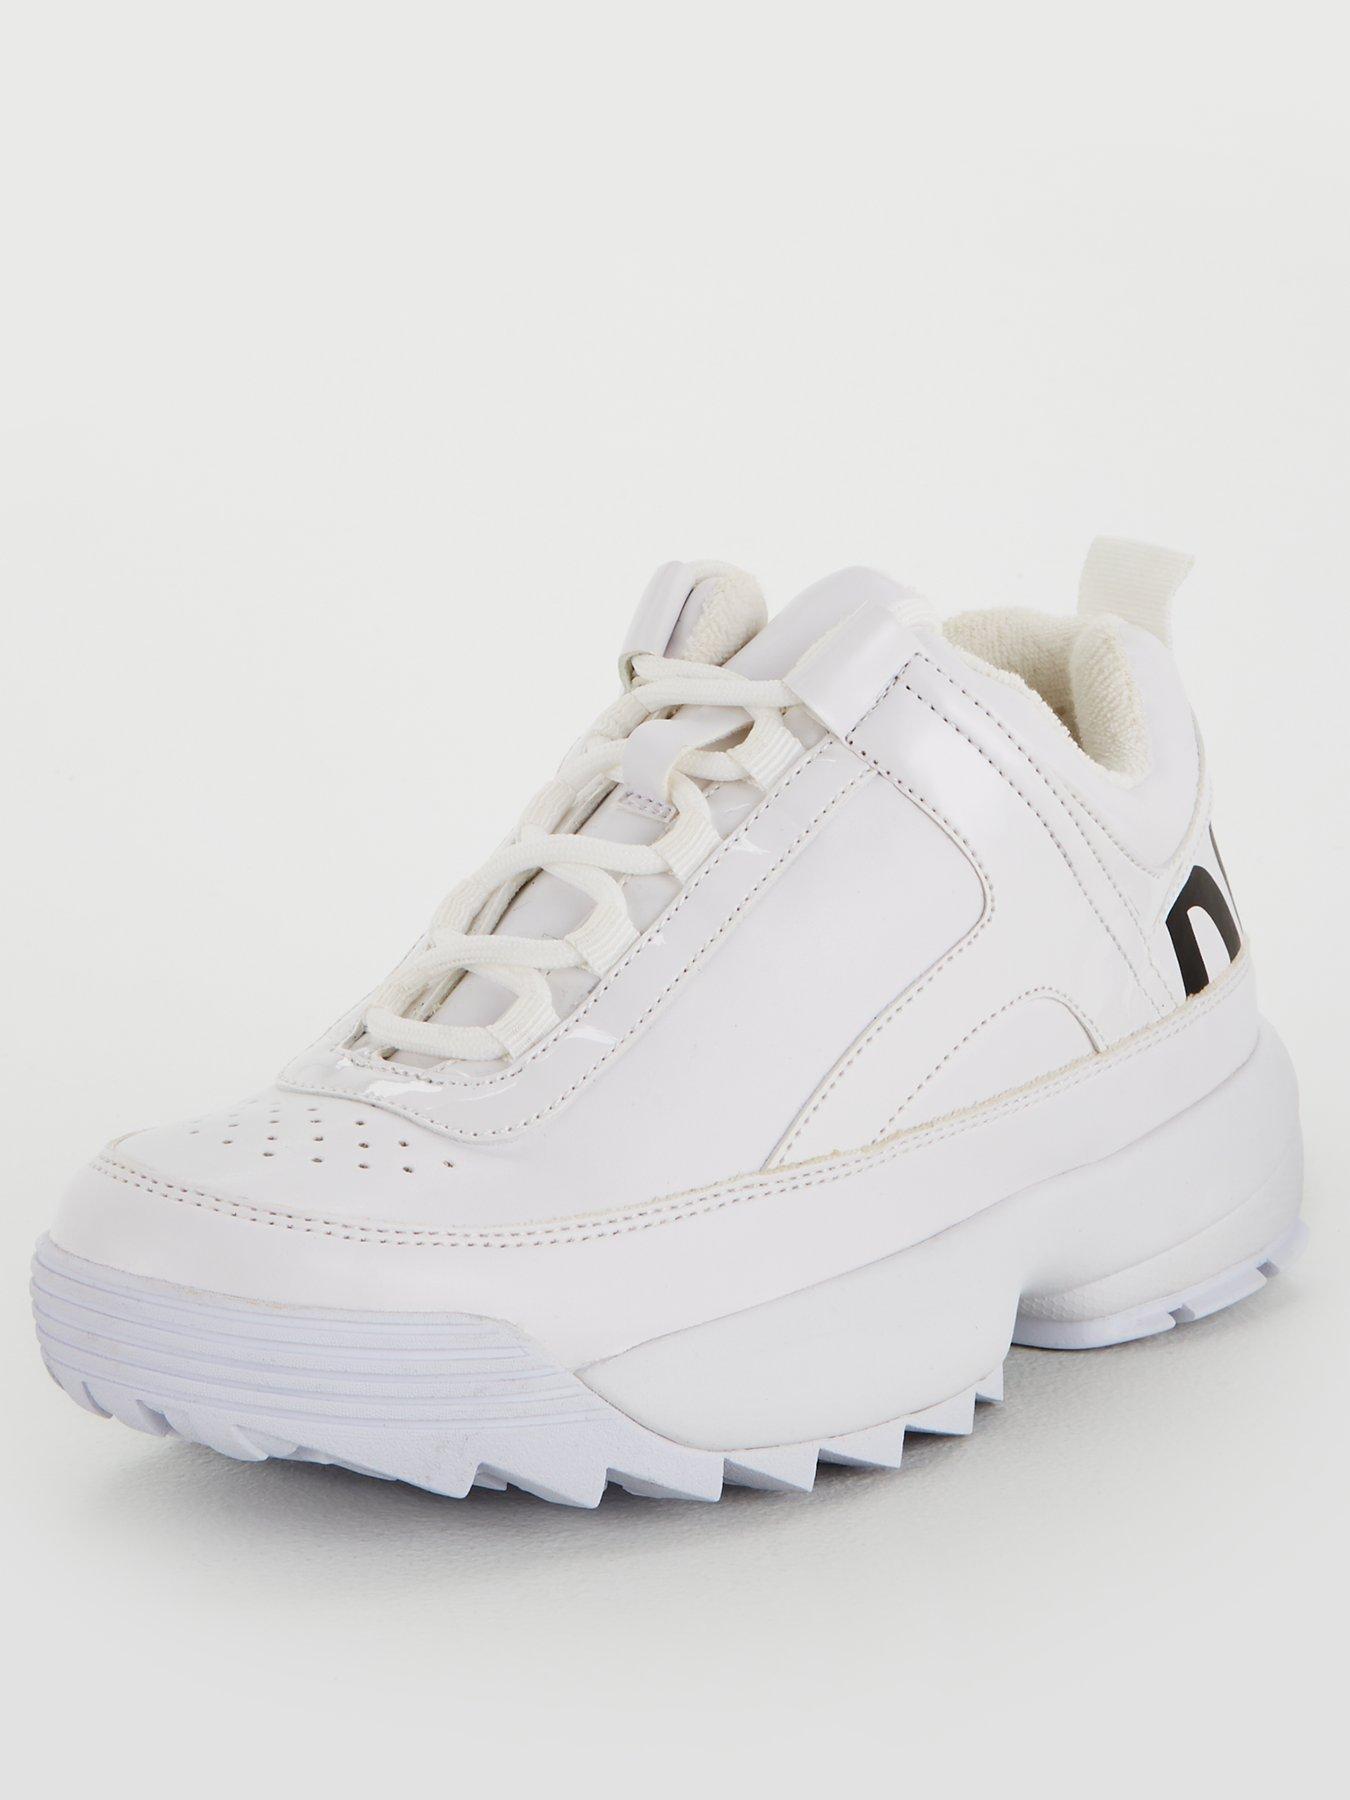 DKNY Dani Lace Up Sneaker - White